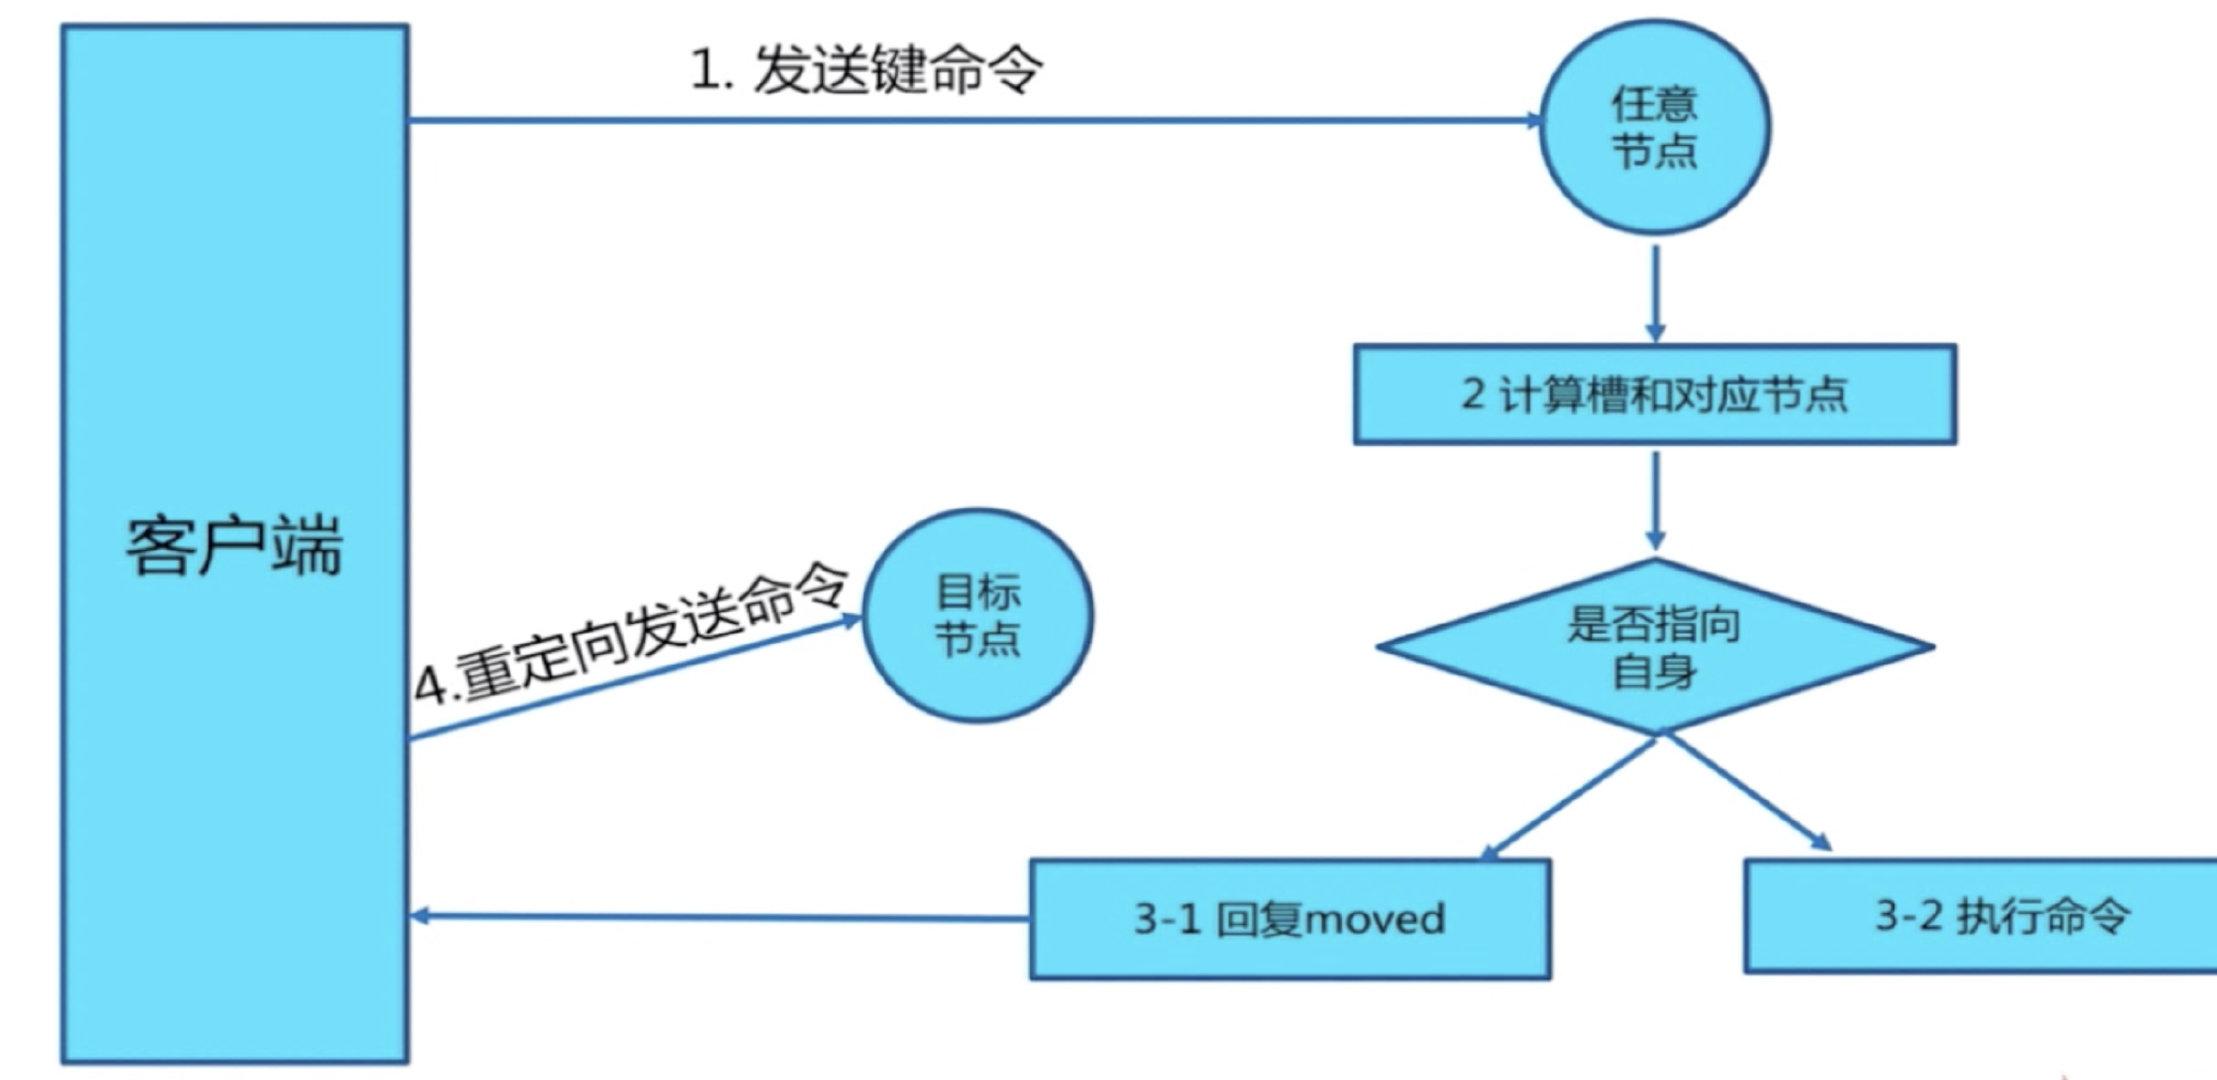 image-20200812003219180